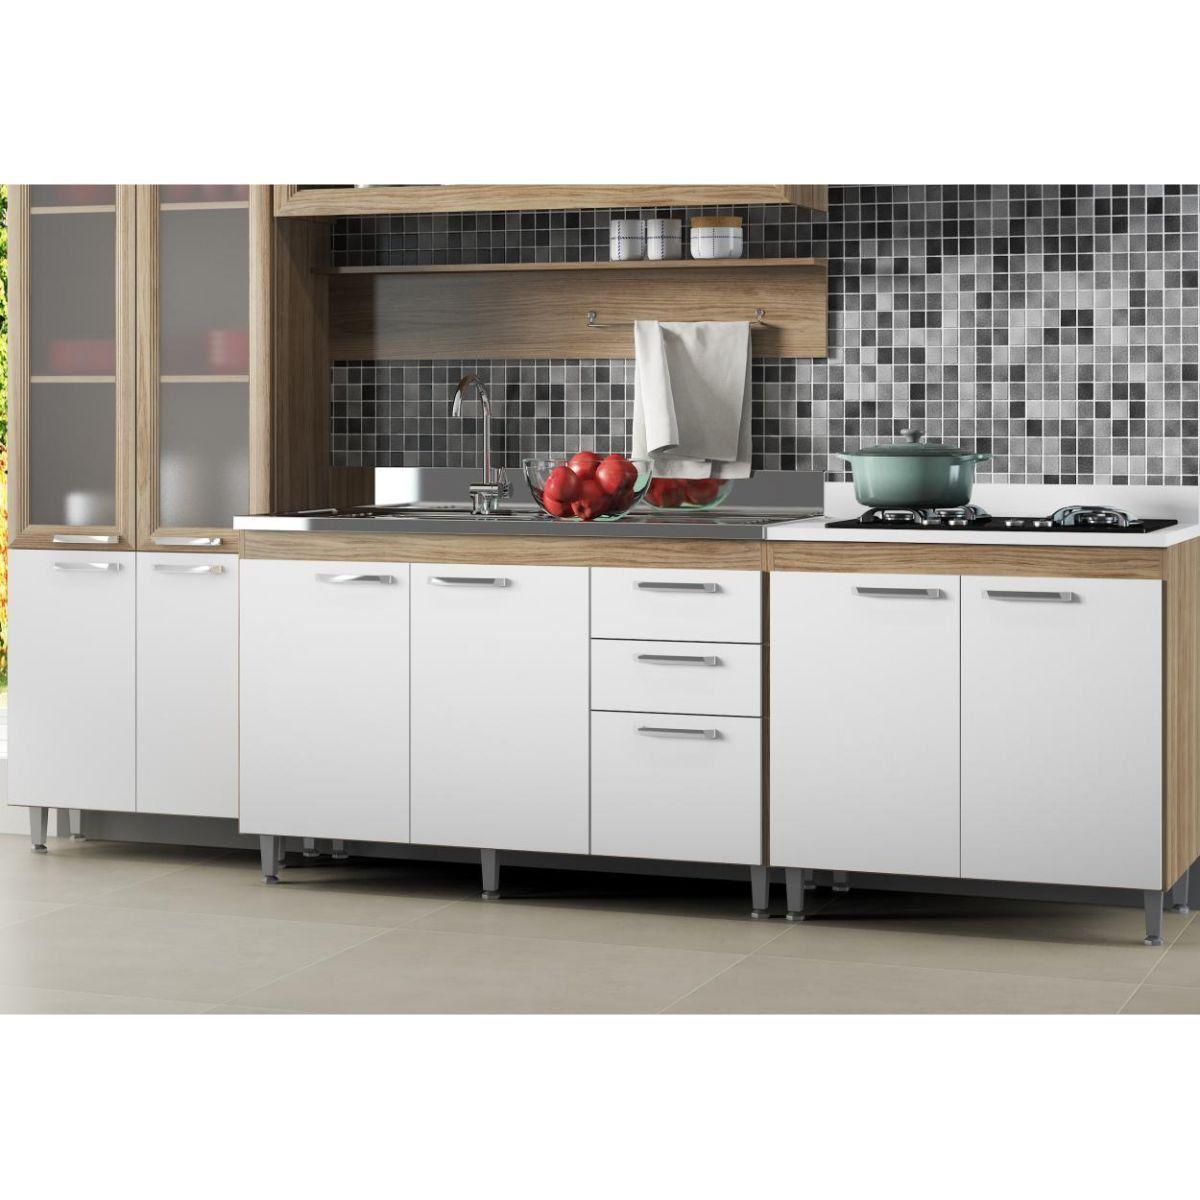 Ambiente Modulado para Cozinha com Armário Aéreo de 120 cm Basculante Toscana - Multimóveis